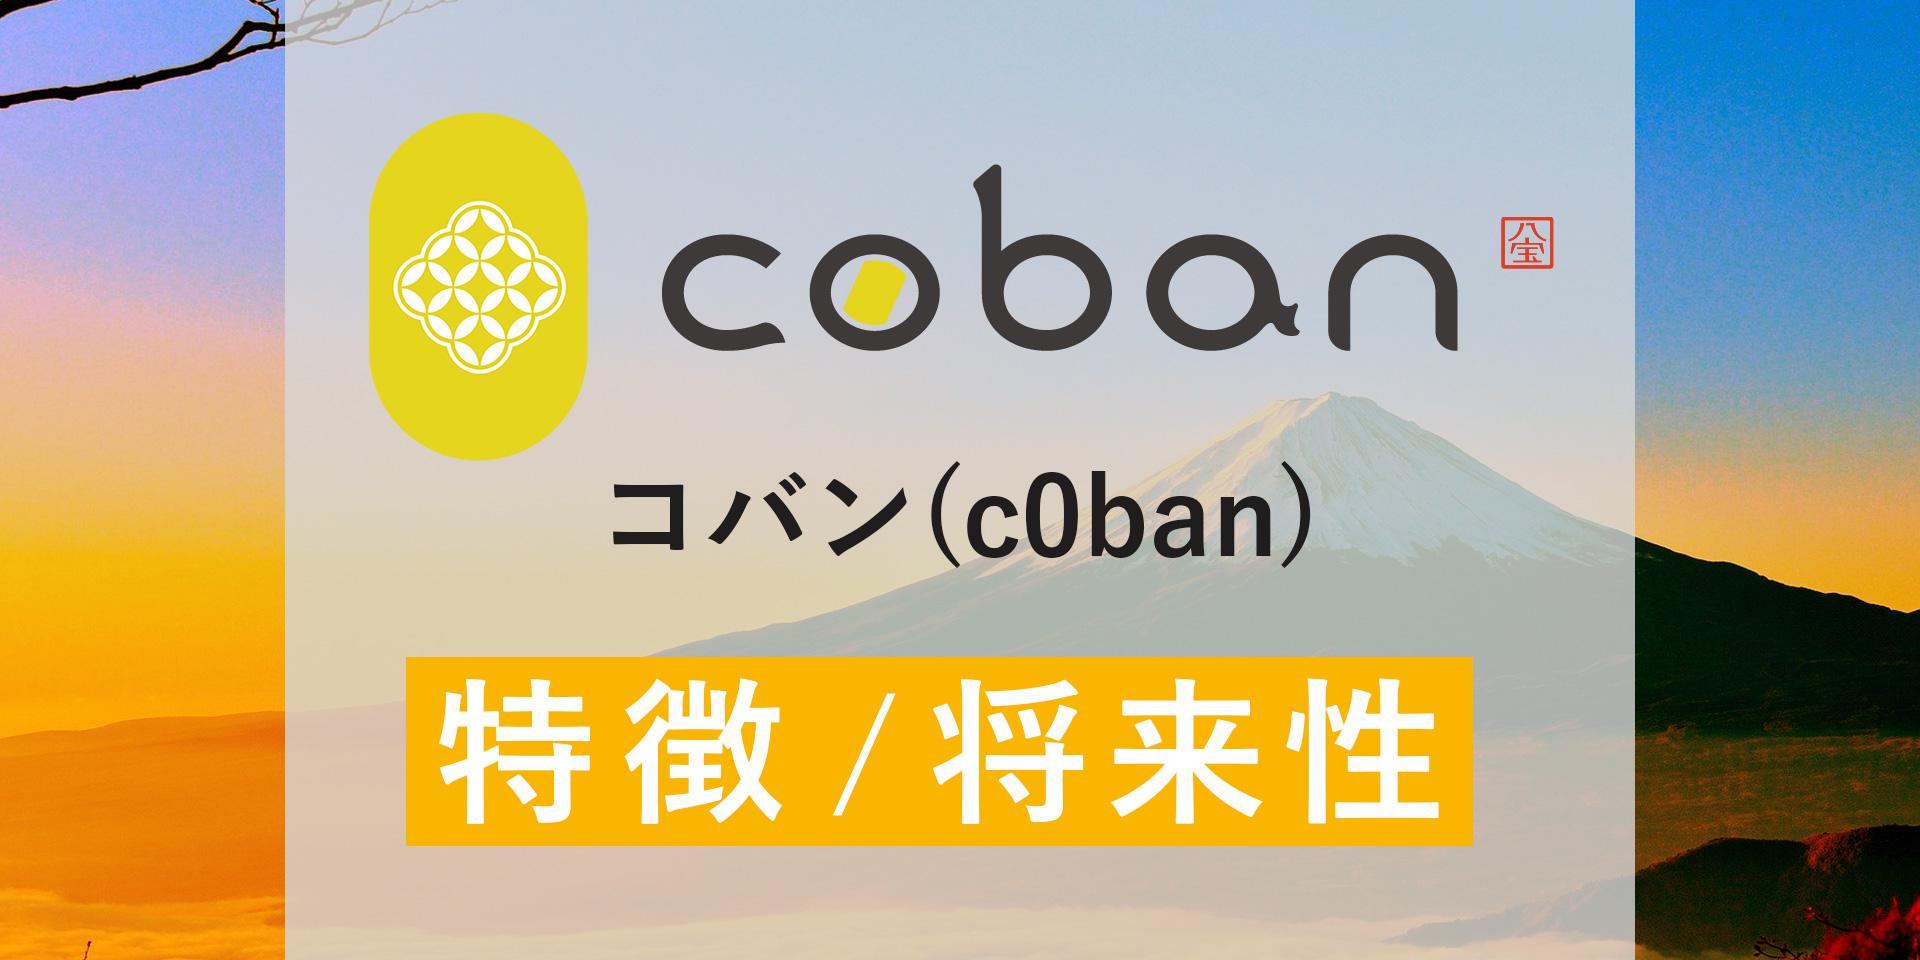 仮想通貨コバン(c0ban/RYO)とは?特徴や購入方法を徹底解説!